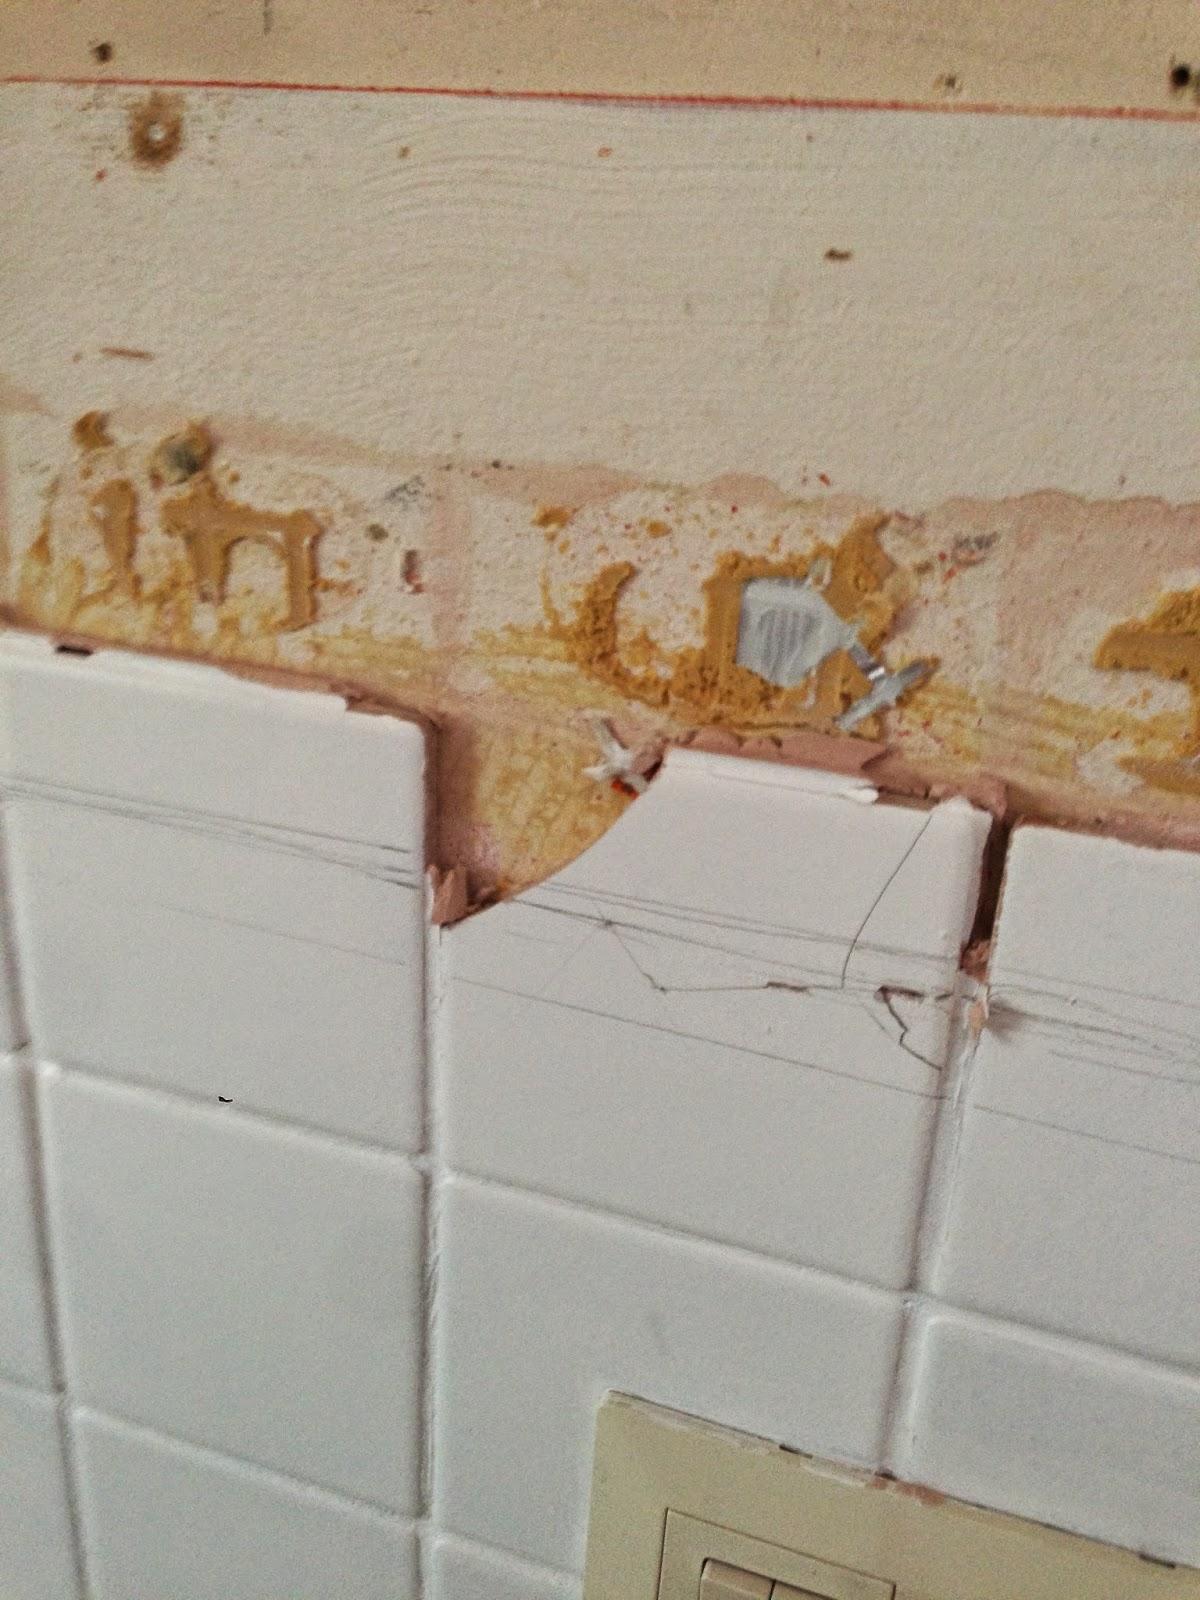 Haljenneen laatan korjaus – Talo kaunis rakennuksen